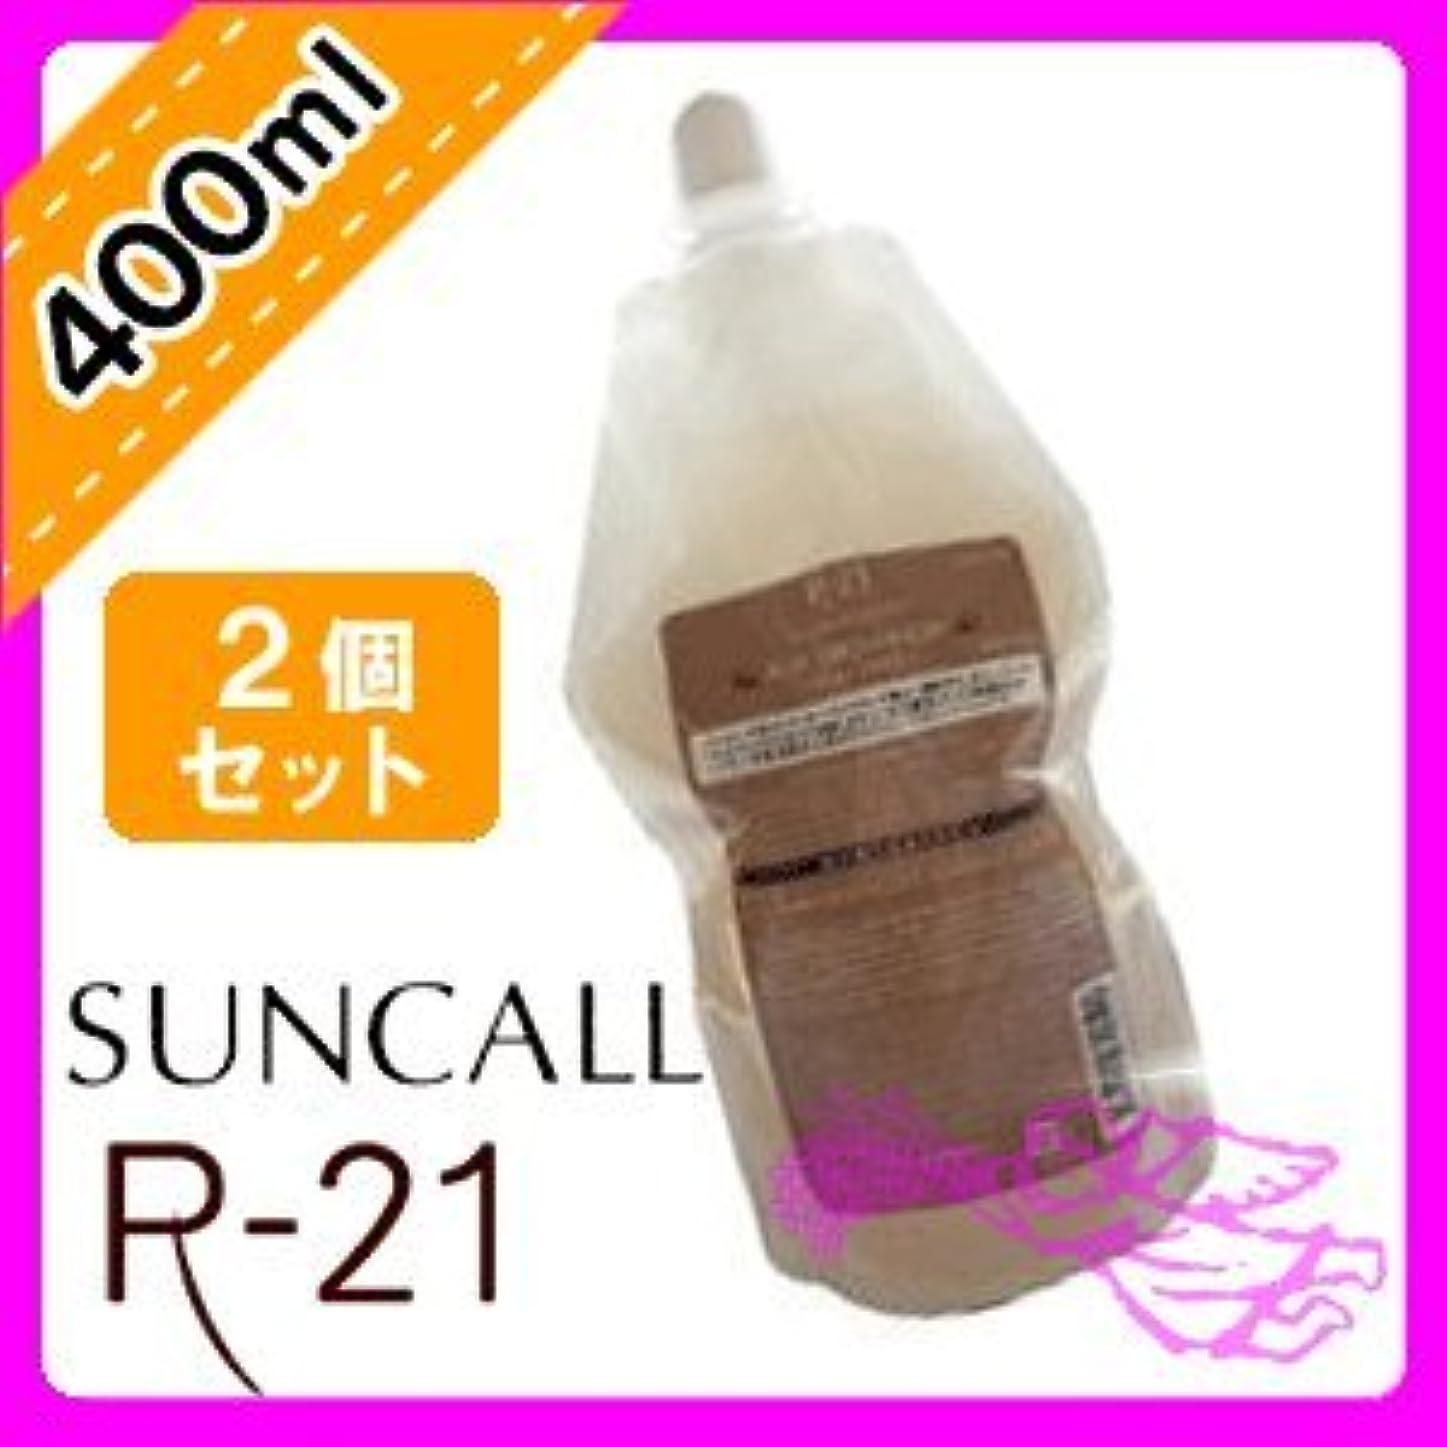 強化する文句を言う食堂サンコール R-21 CMCヒートミスト 400mL × 2個 セット 詰め替え用 SUNCALL R-21